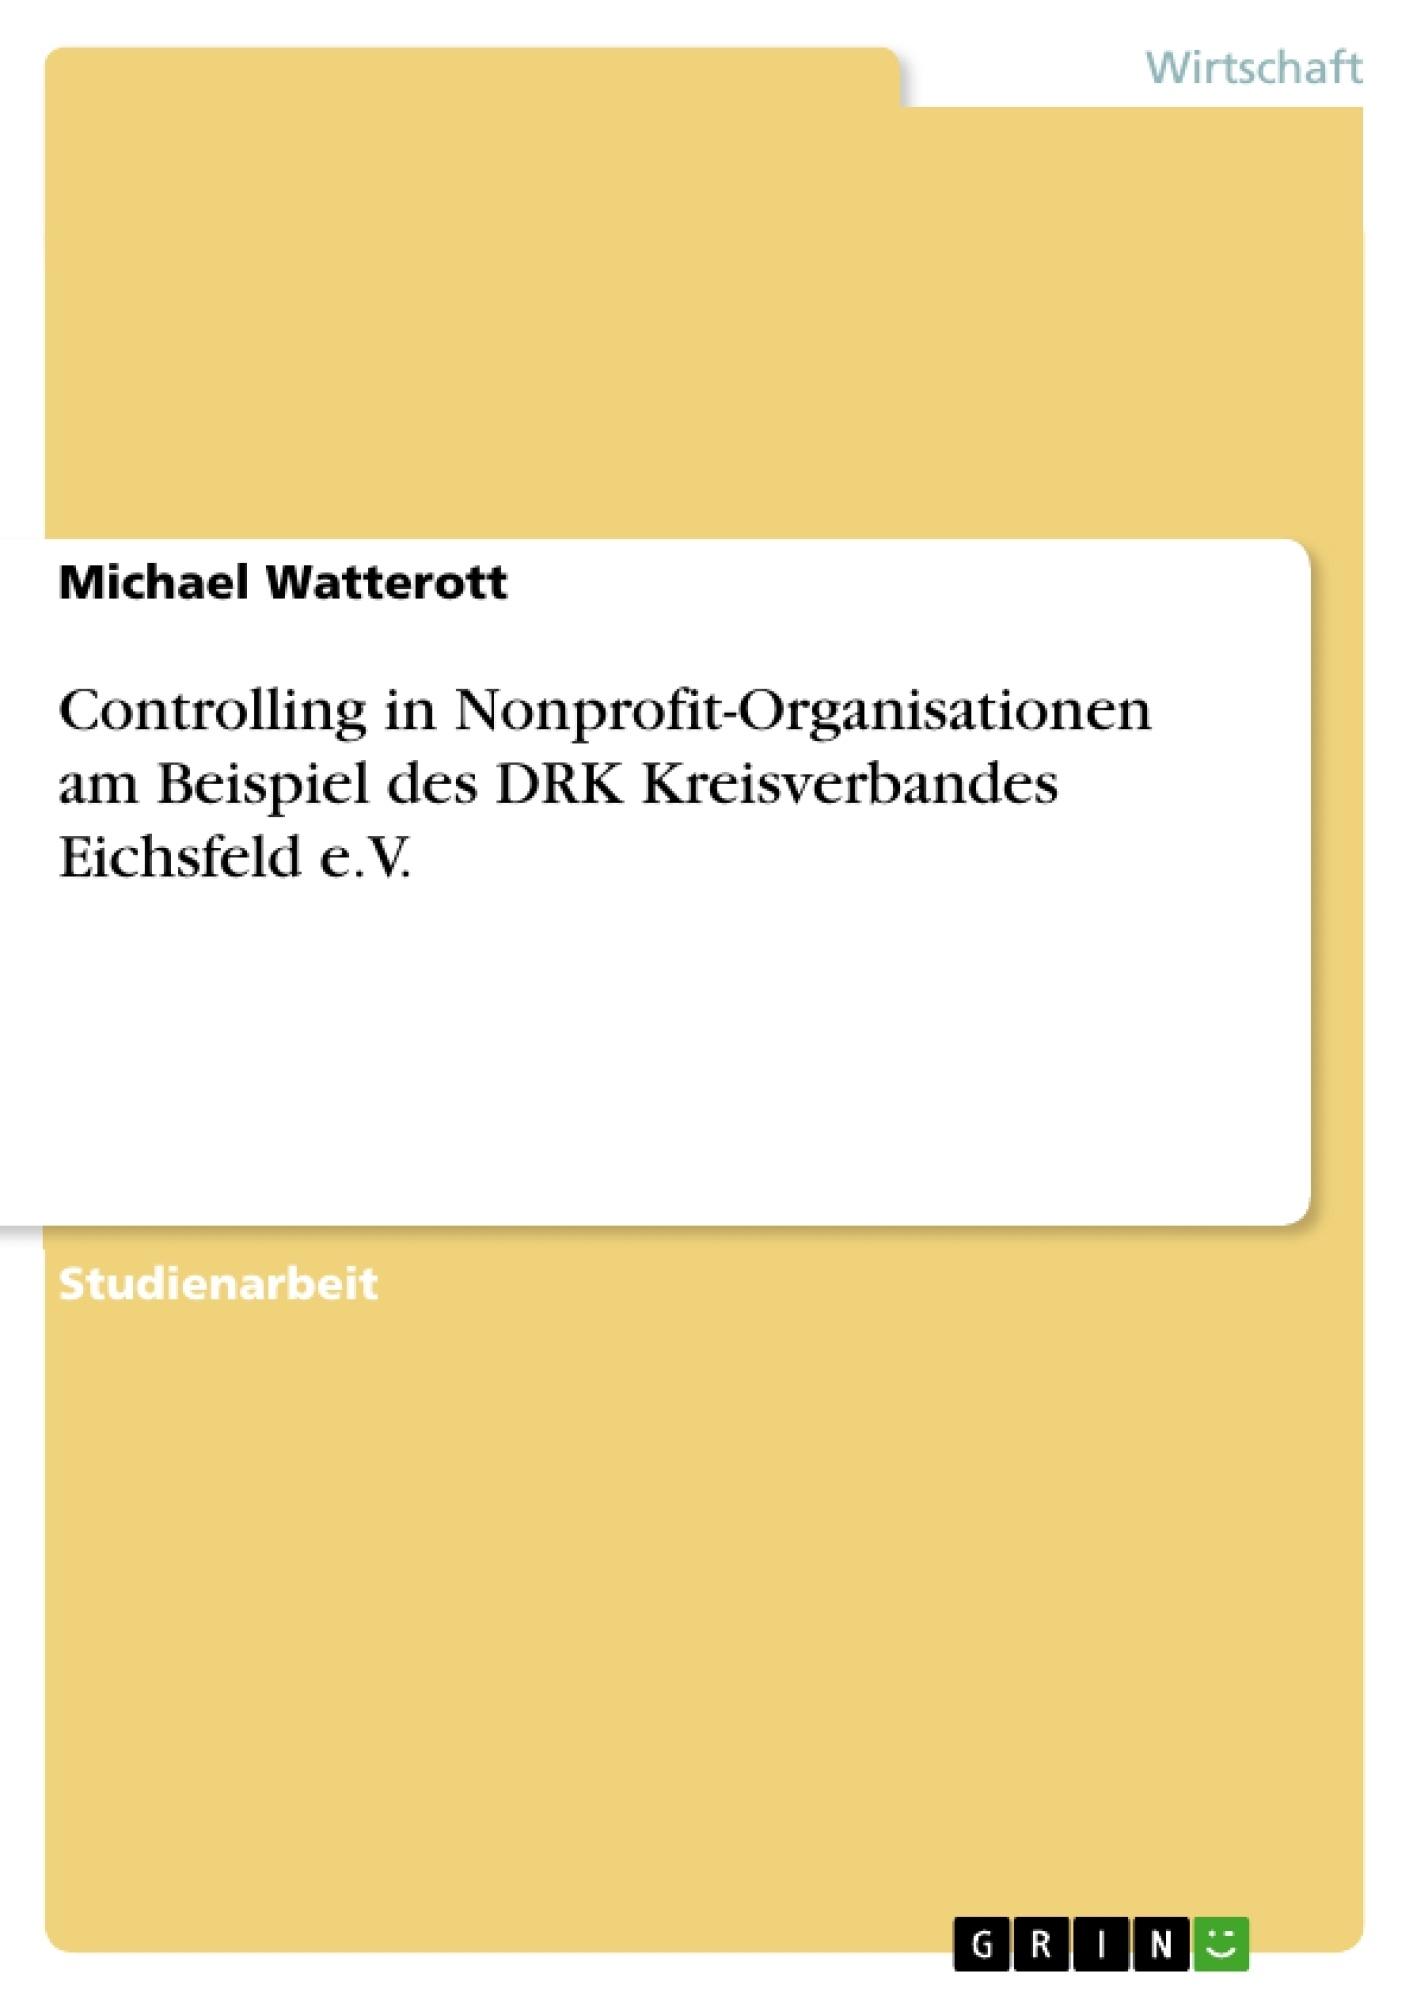 Titel: Controlling in Nonprofit-Organisationen am Beispiel des DRK Kreisverbandes Eichsfeld e.V.